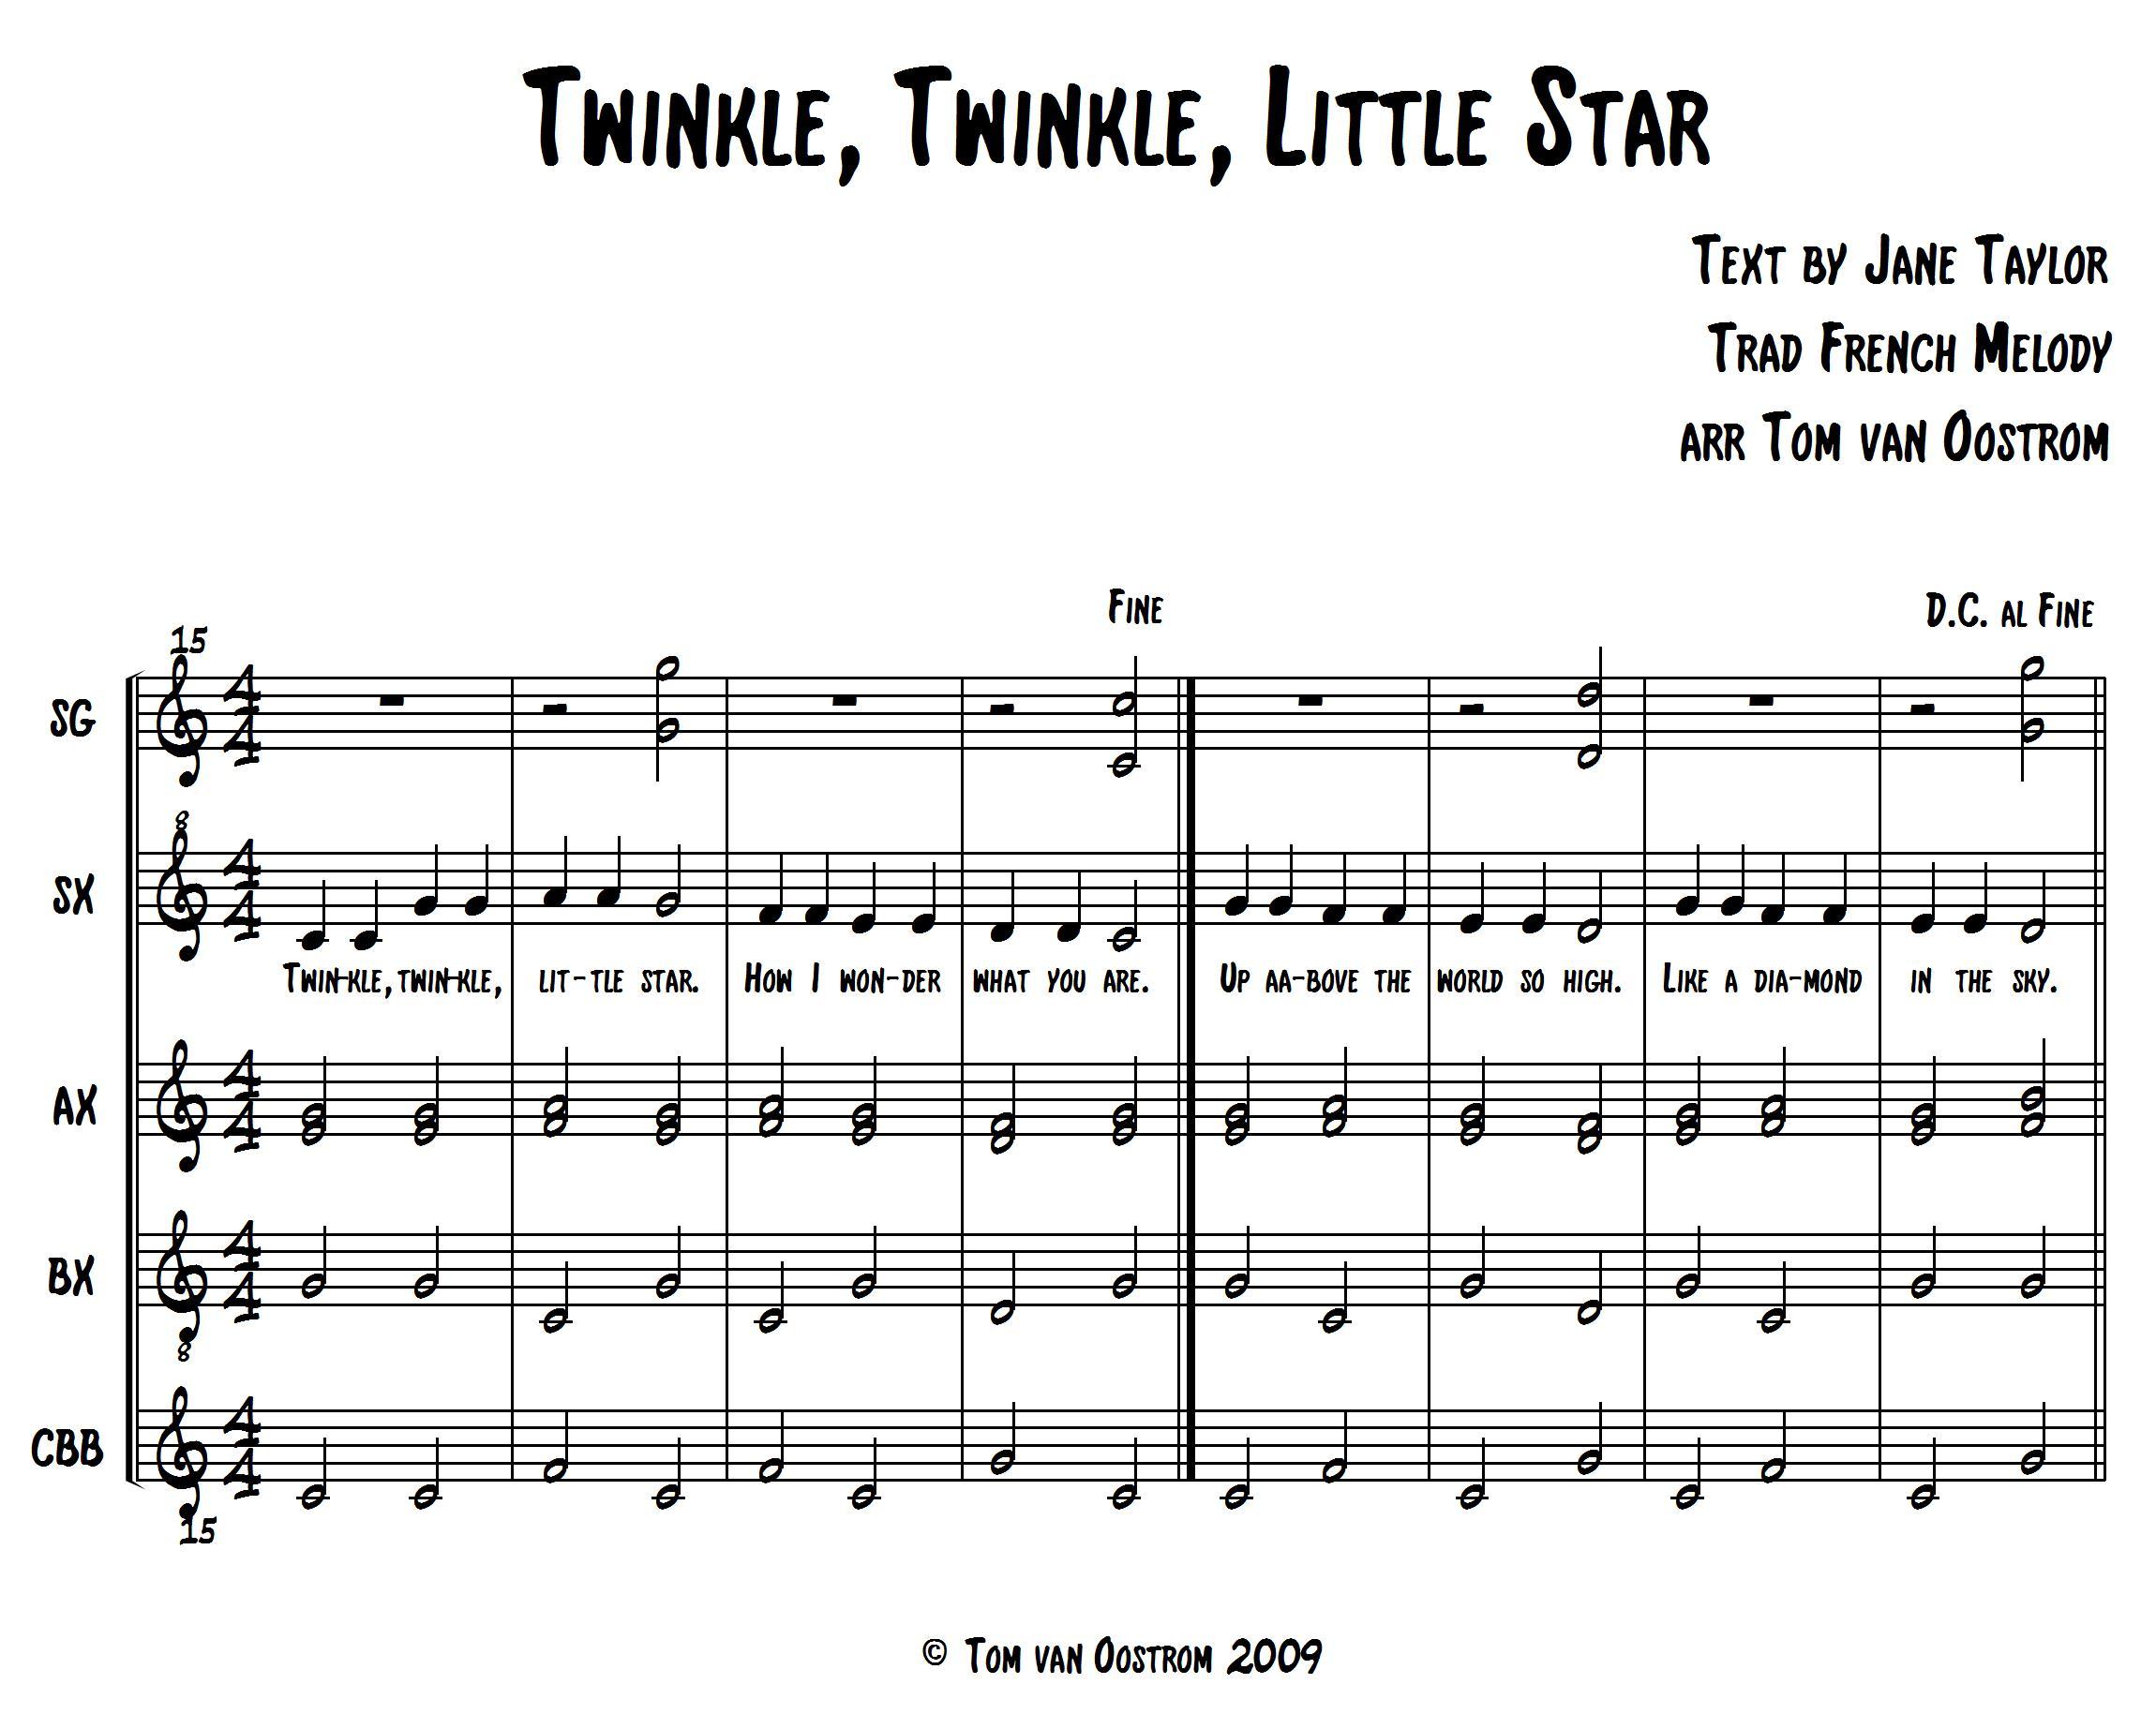 Twinkle Twinkle Little Star Orff Arrangement